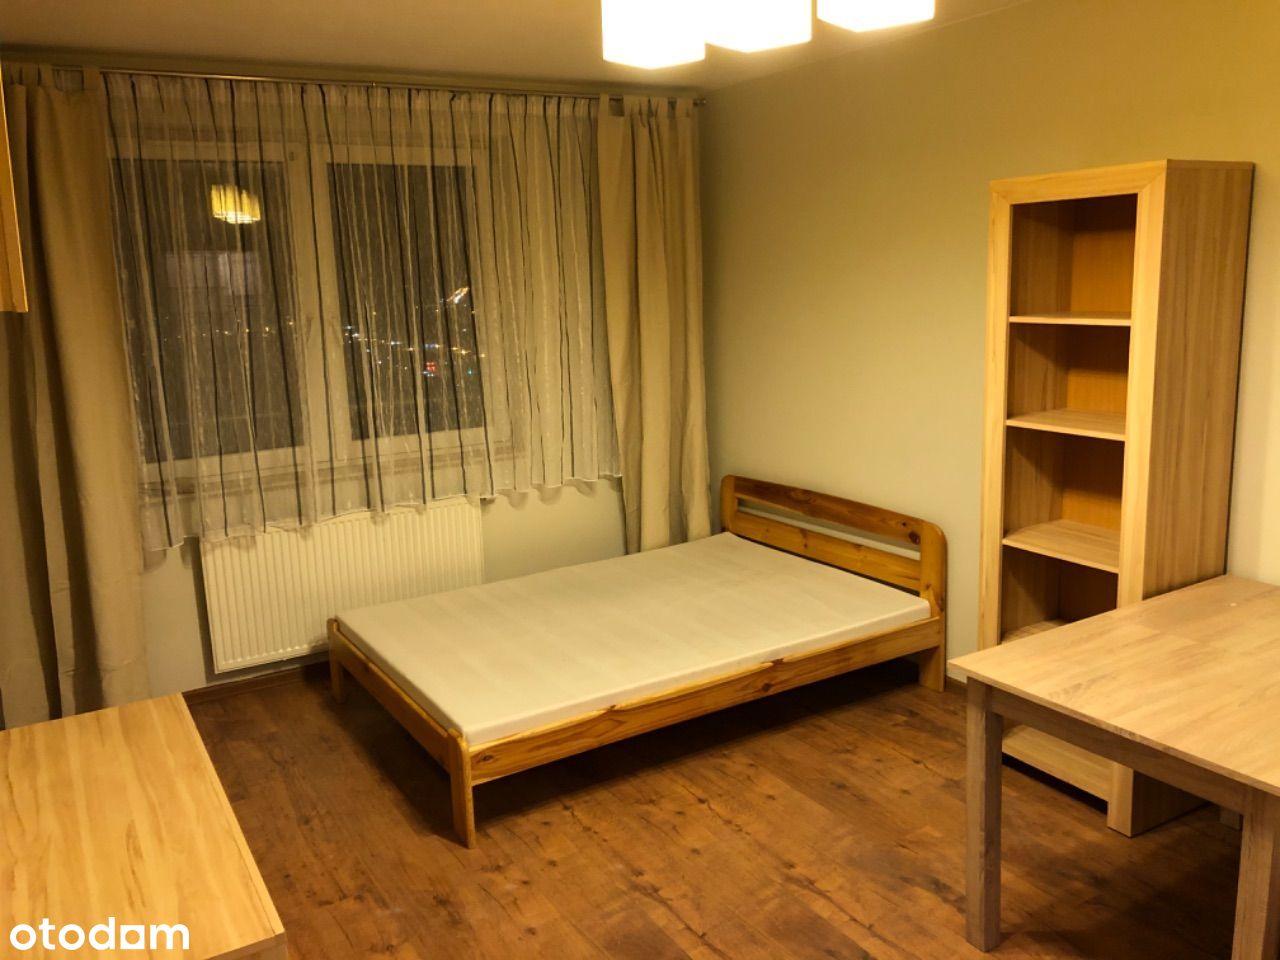 Wynajmę kawalerkę 35 m2, umeblowaną i odświeżoną.